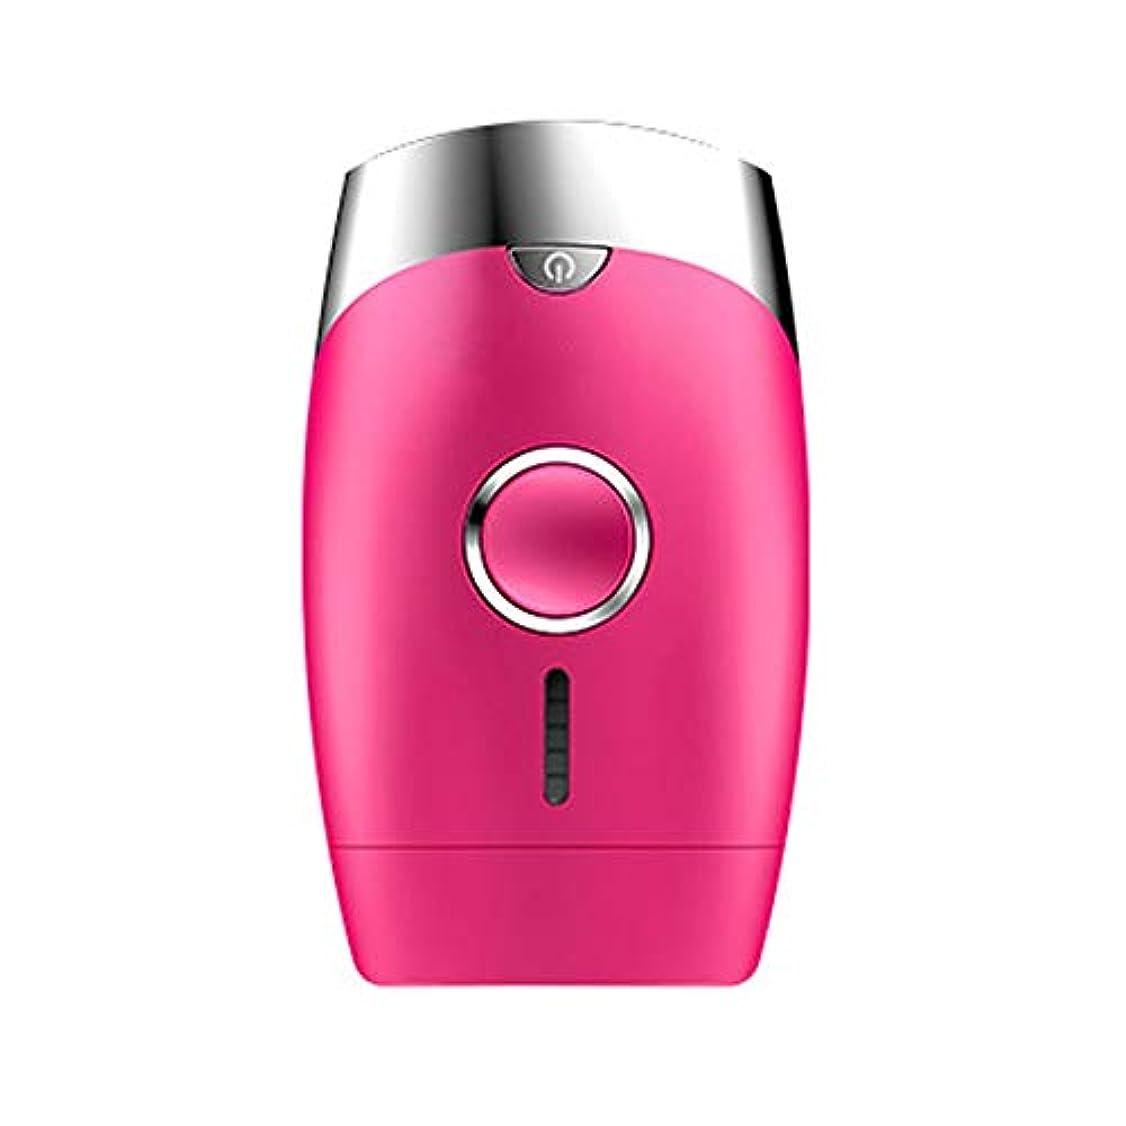 カストディアン下着不快Xihouxian ピンク、5スピード調整、インテリジェント家庭用痛みのない凝固点ヘアリムーバー、シングルフラッシュ/連続フラッシュ、サイズ13.9 X 8.3 X 4.8 Cm D40 (Color : Pink)